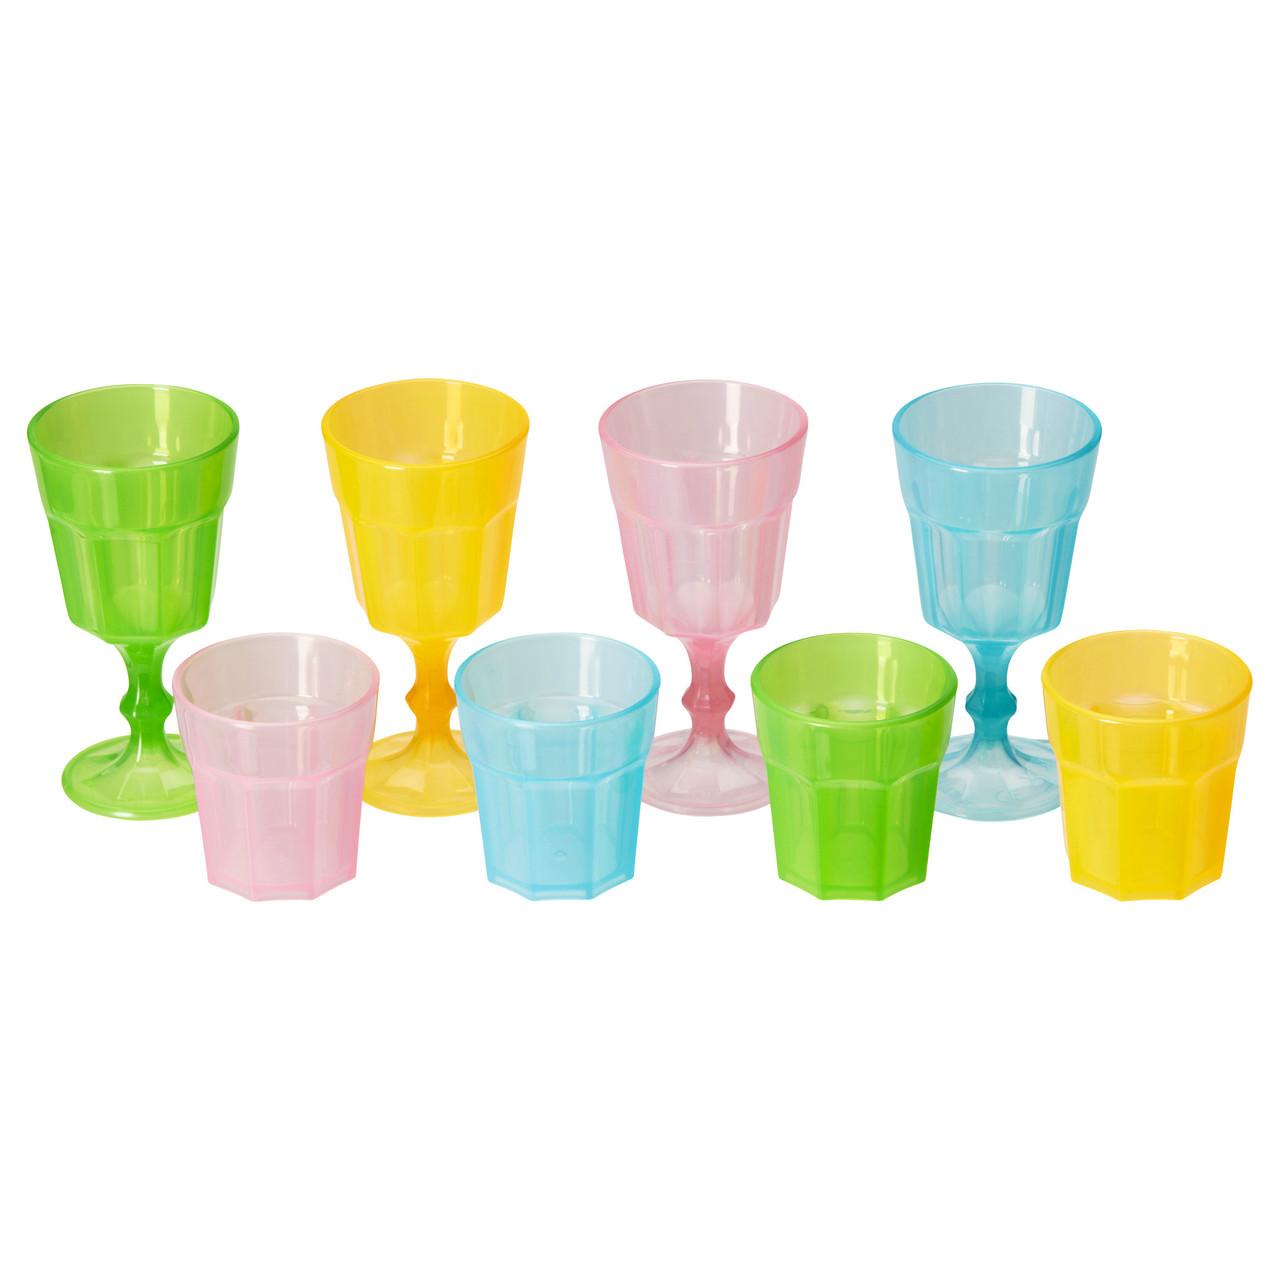 ДУКТИГ Игрушечный набор стаканов, разноцветный 00190689 IKEA, ИКЕА, DUKTIG